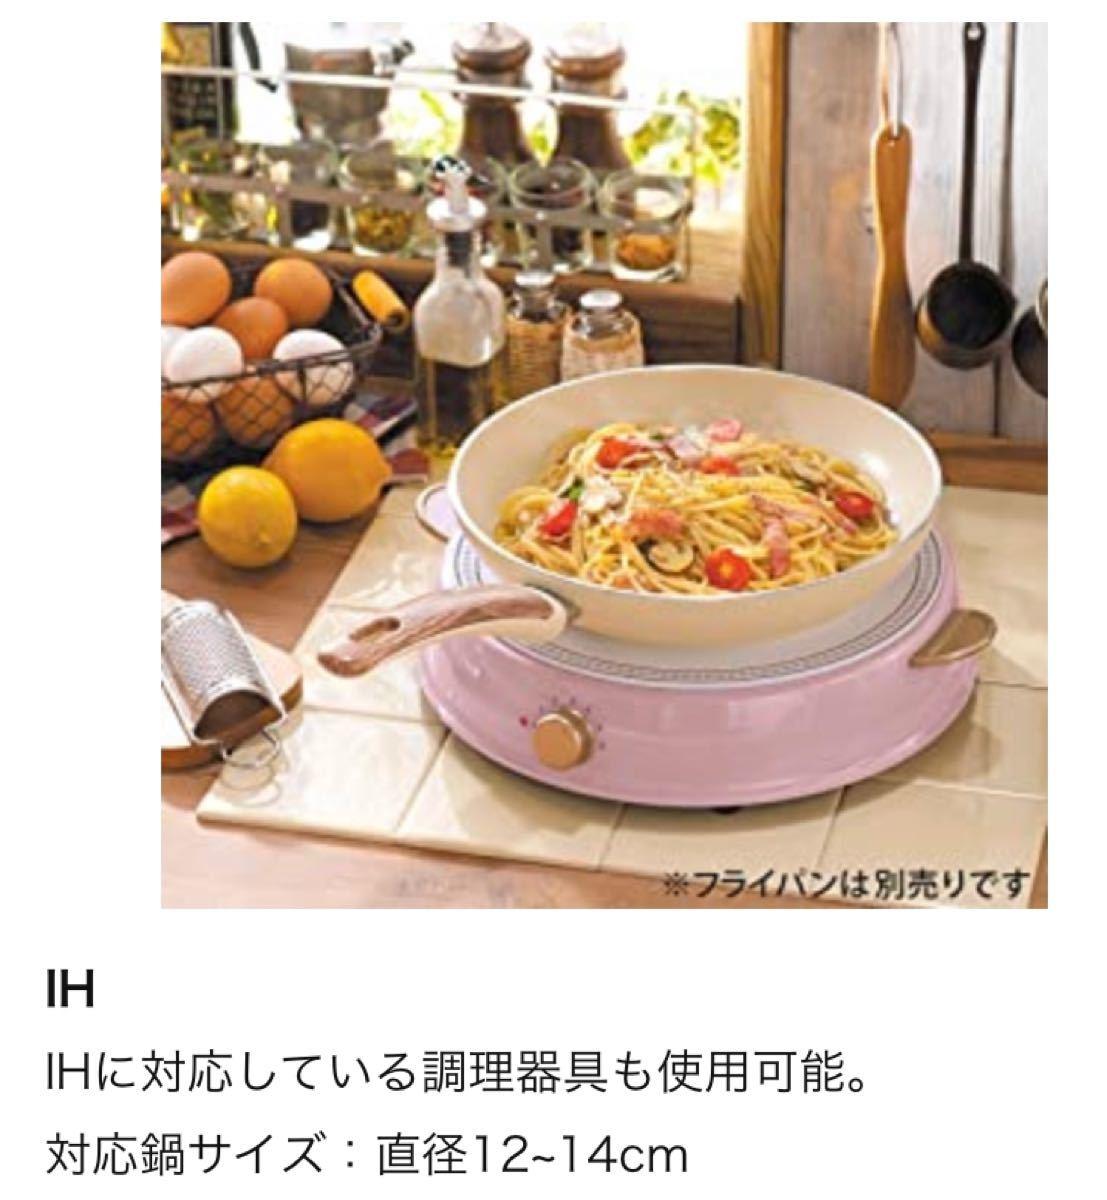 アイリスオーヤマ (IRIS OHYAMA) IHクッキングヒーター ricopa 1400W デザイン アッシュピンク